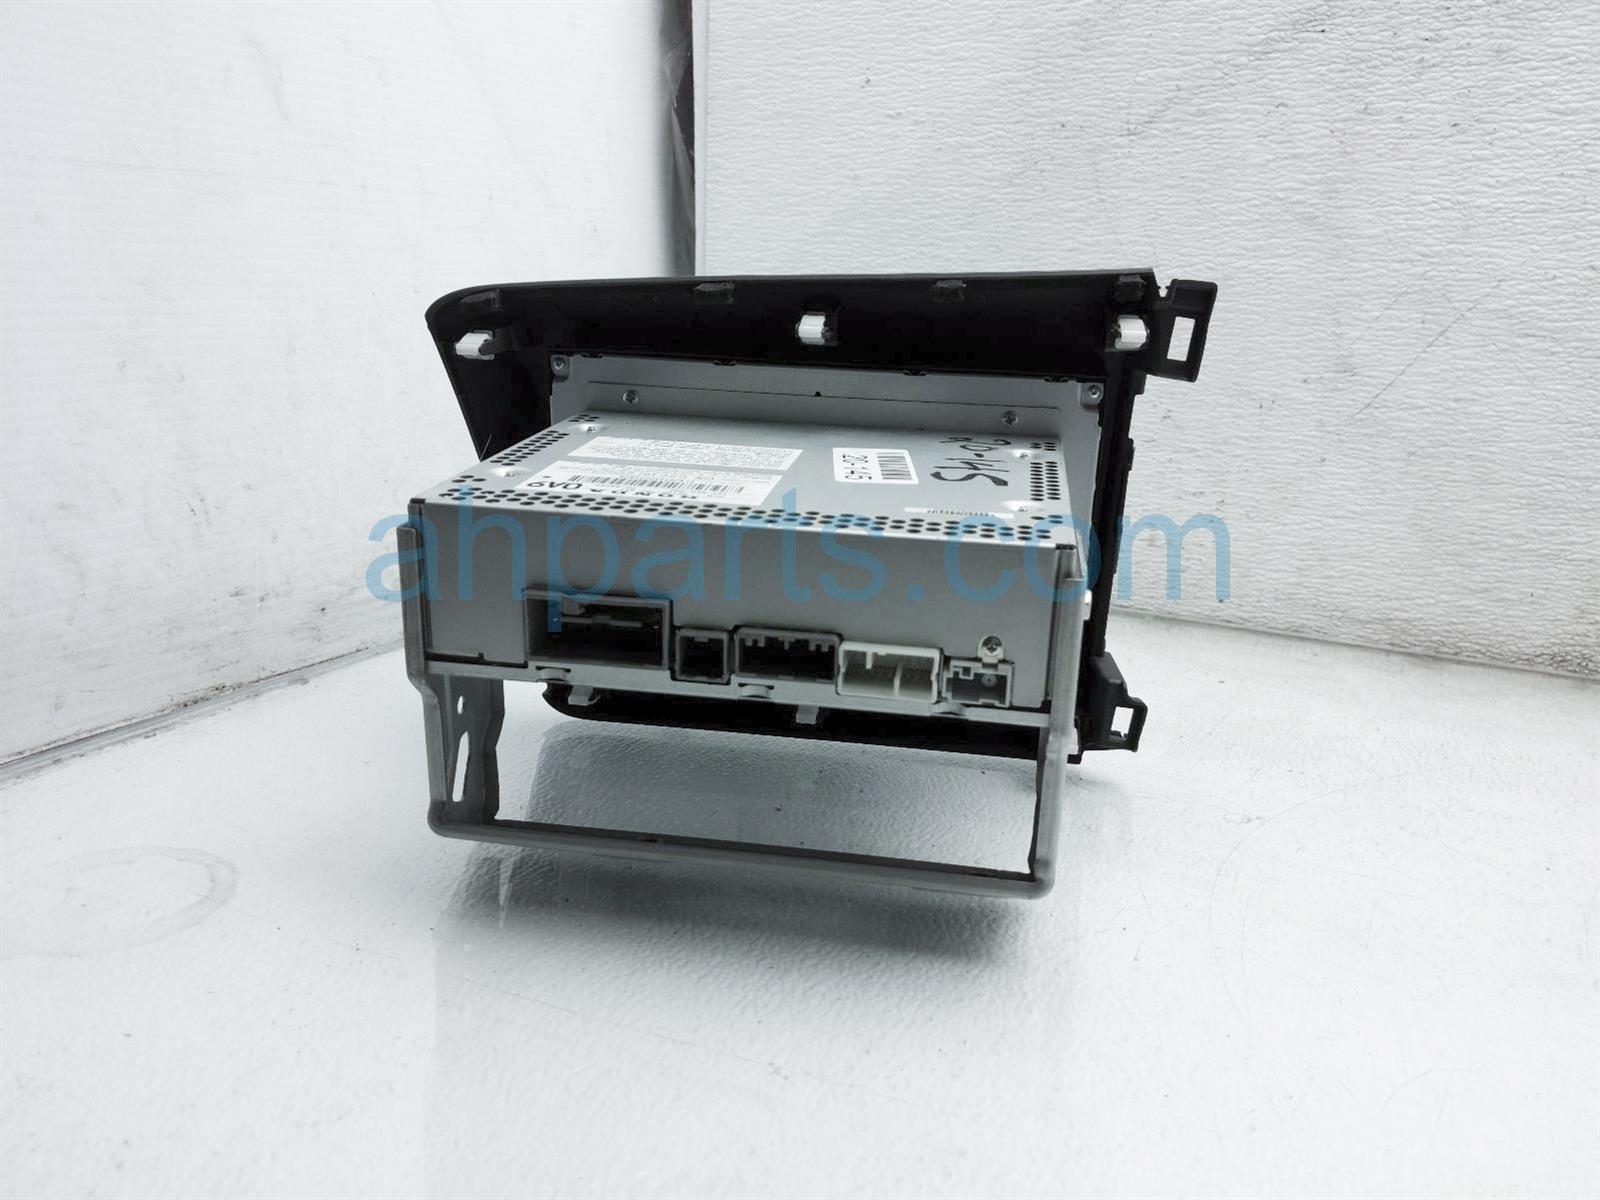 2012 Honda Civic Radio / Audio Receiver 39170 TR0 A91 Replacement